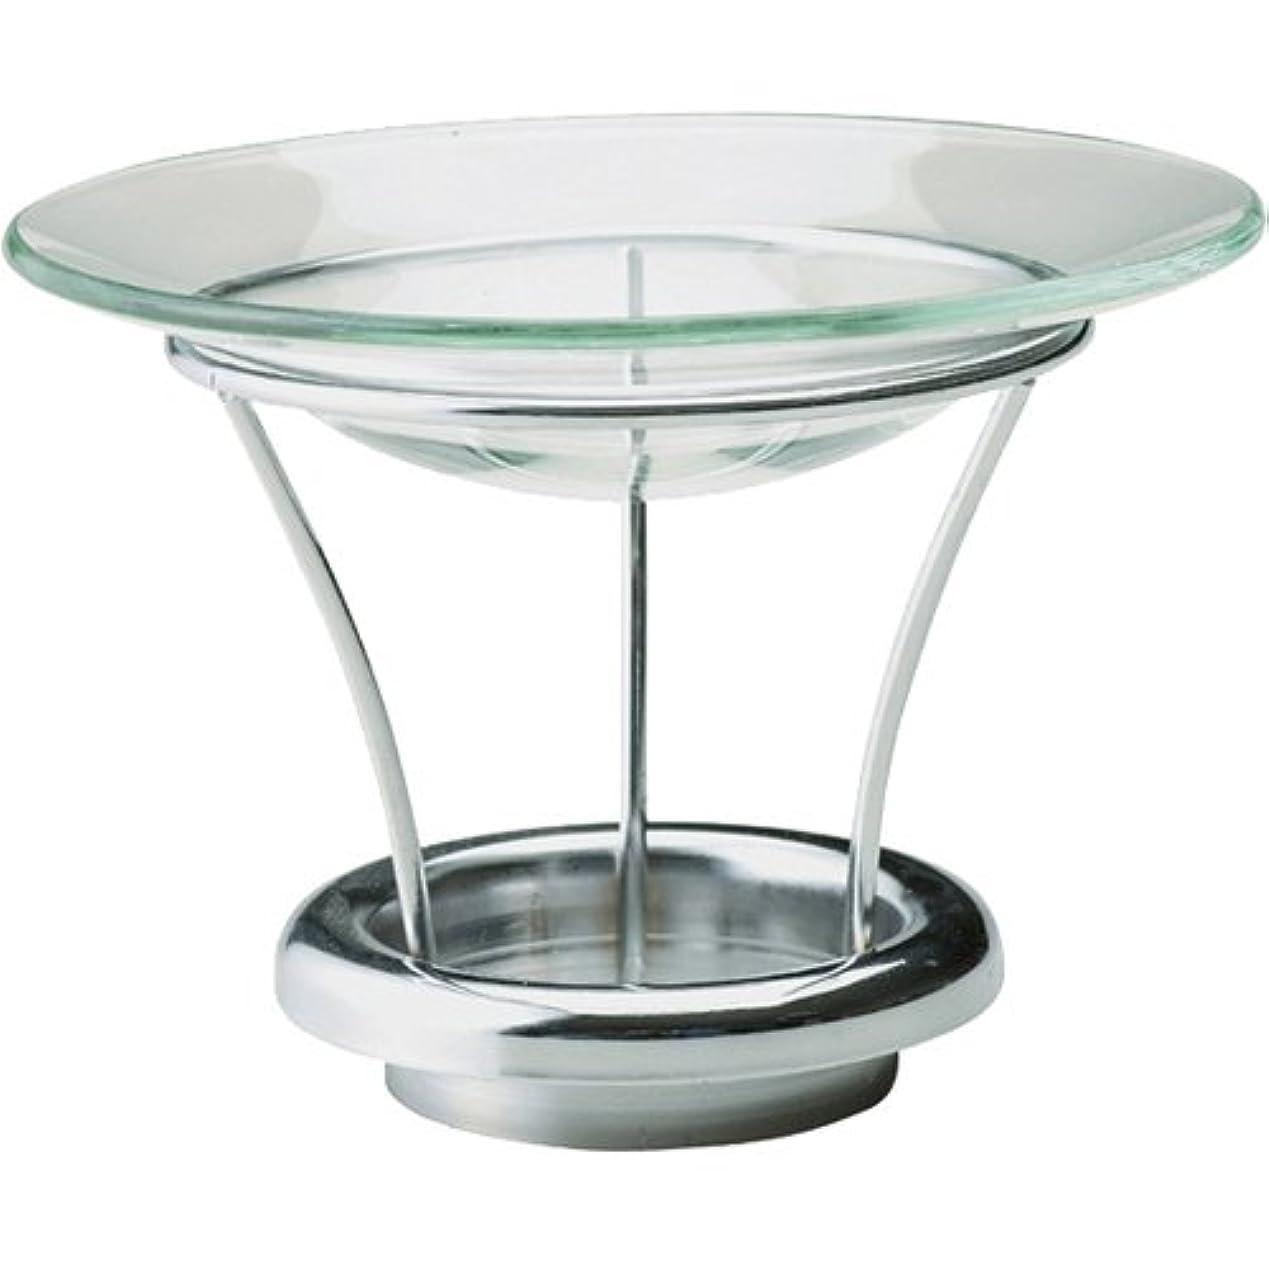 ウェイトレスマニフェスト真珠のようなカメヤマキャンドルハウス シルエットグラス用アロマウォーマーキット